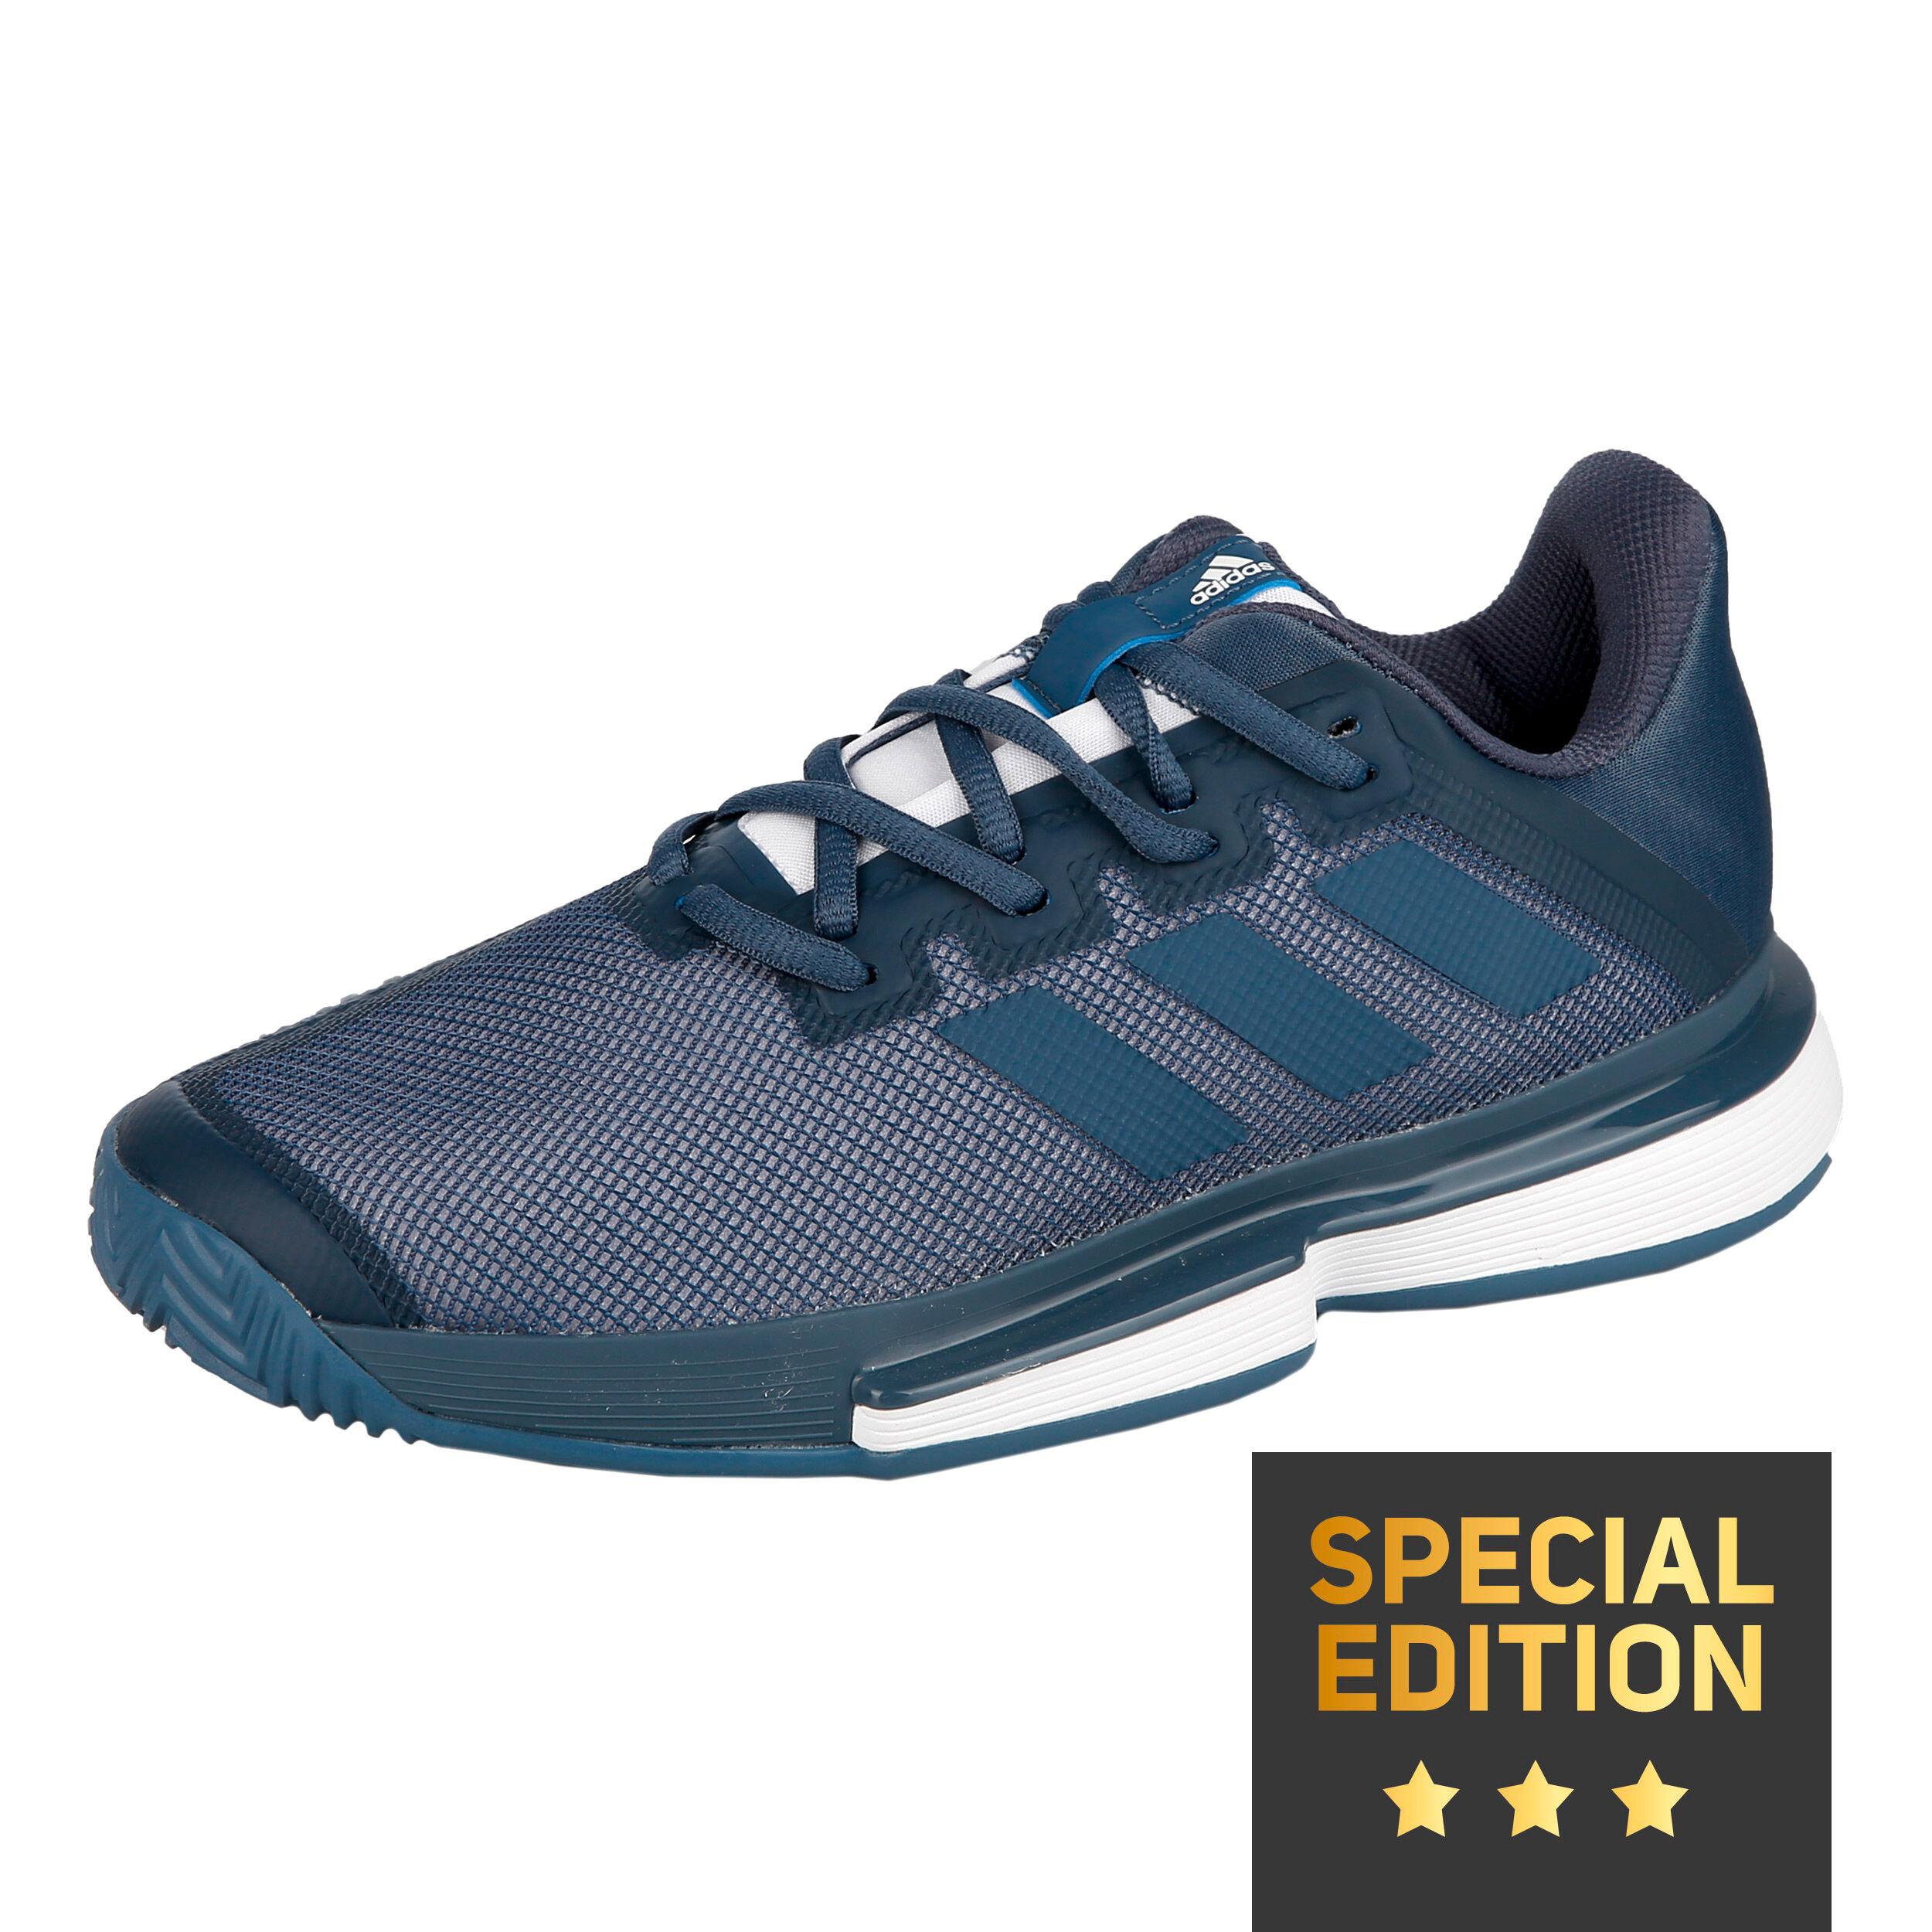 S Ag Calcio Da Ace 15 Fg Scarpe Junior Adidas Ffy7f05mb65i 3